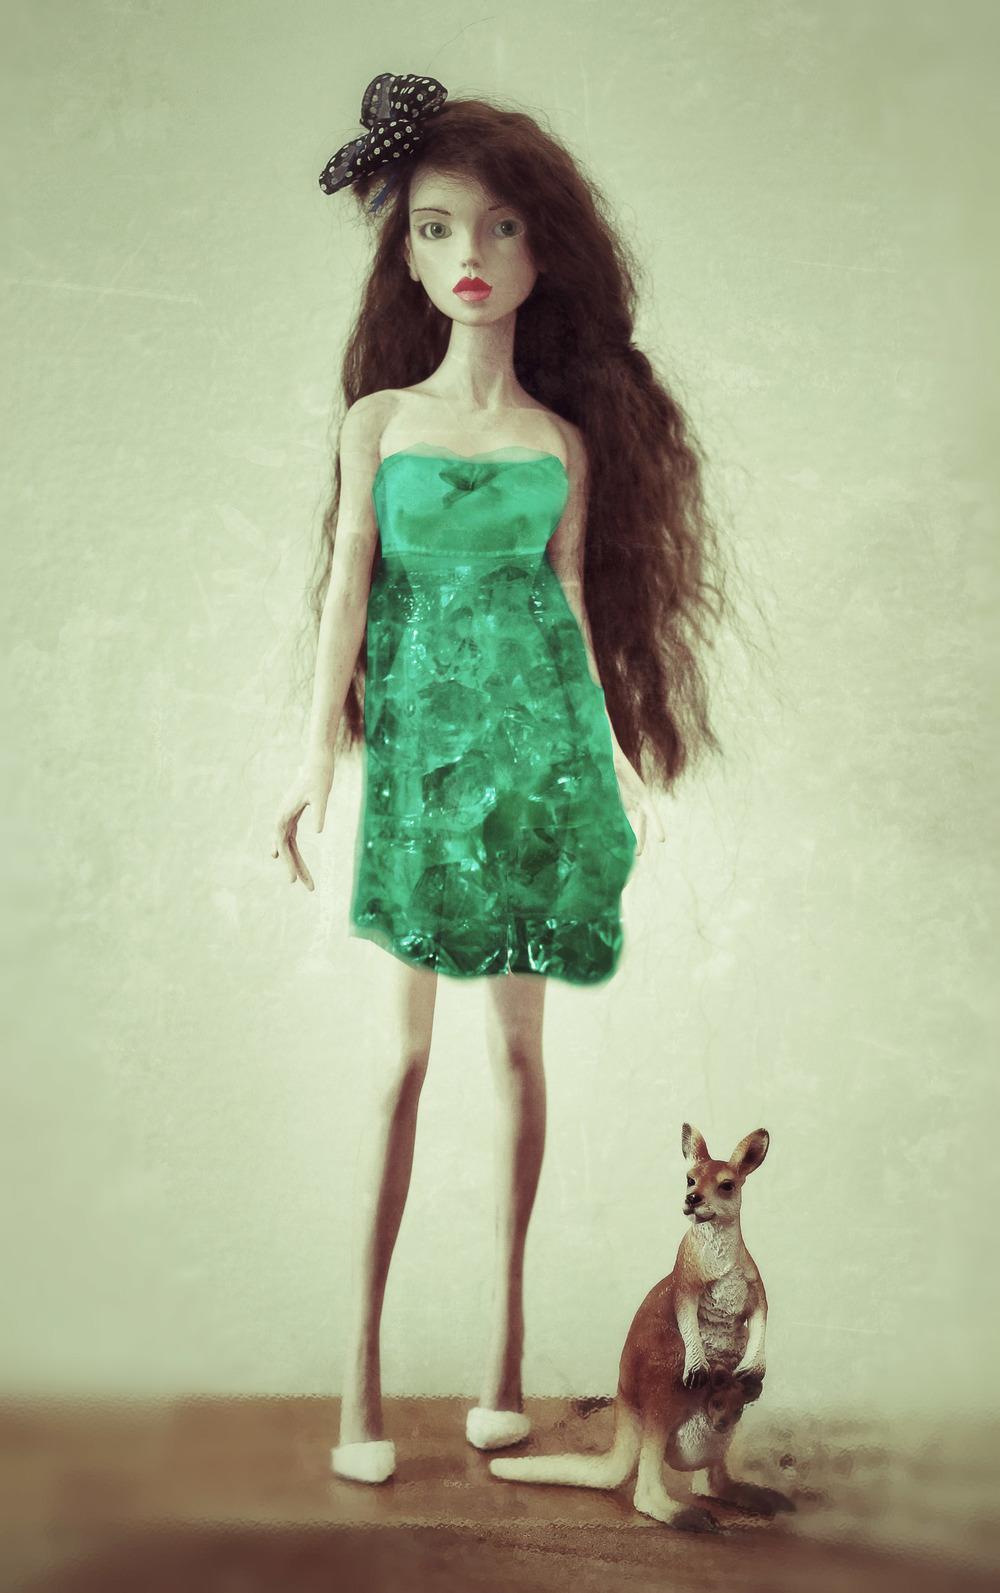 frozen-doll-panopoulos-kangaroo.jpg